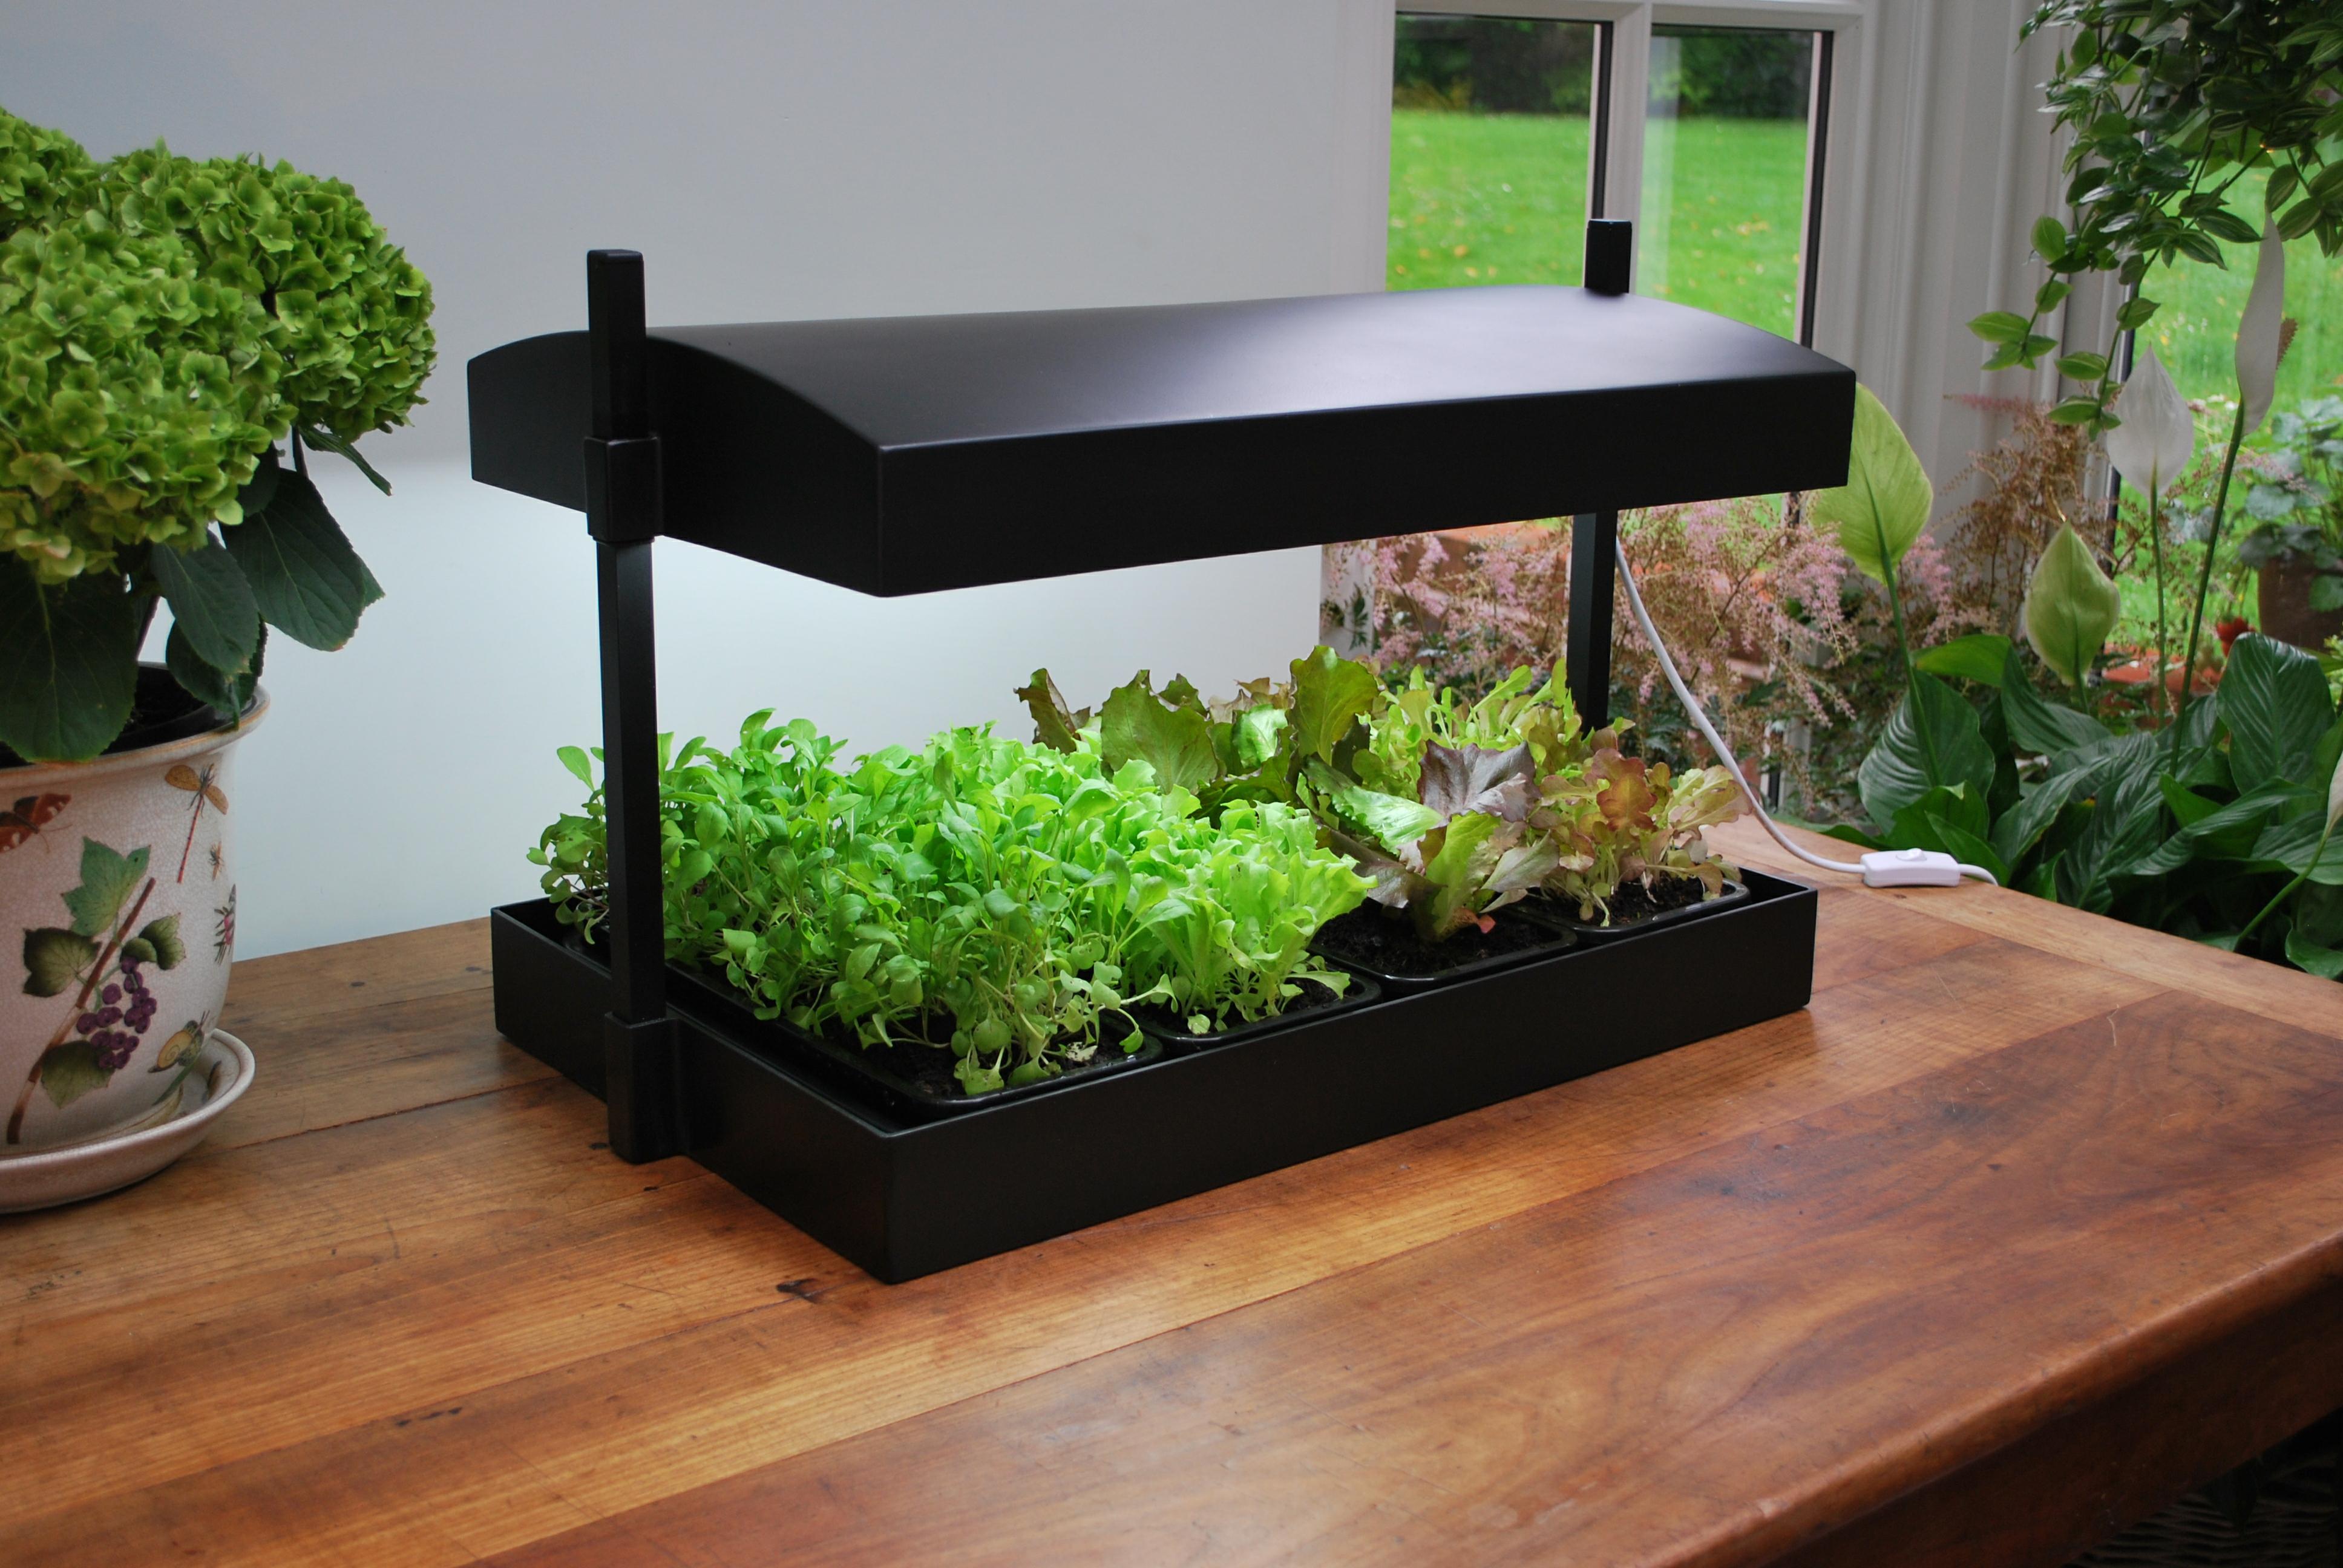 9 умных приборов, которые помогут вам создать роскошный огород в доме